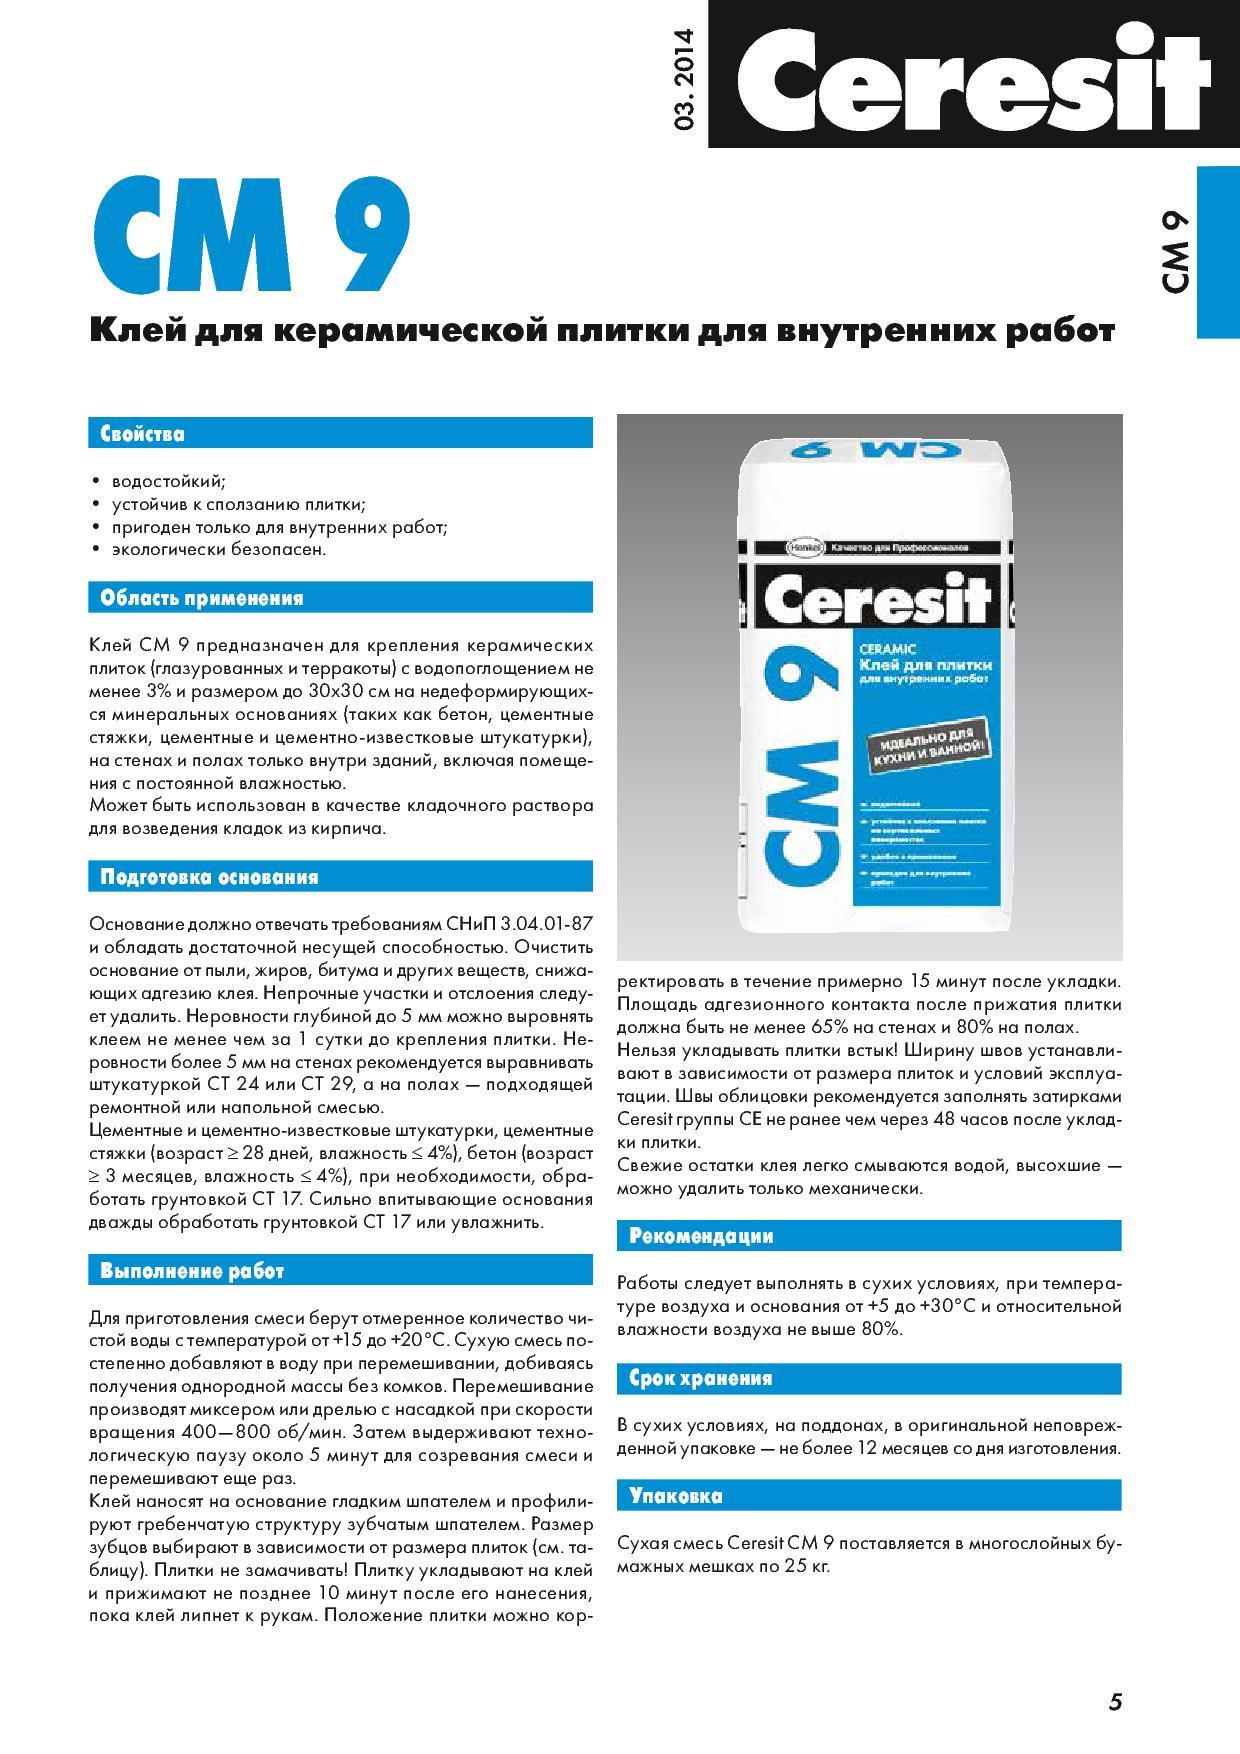 Плиточные клеи ceresit и технические характеристики